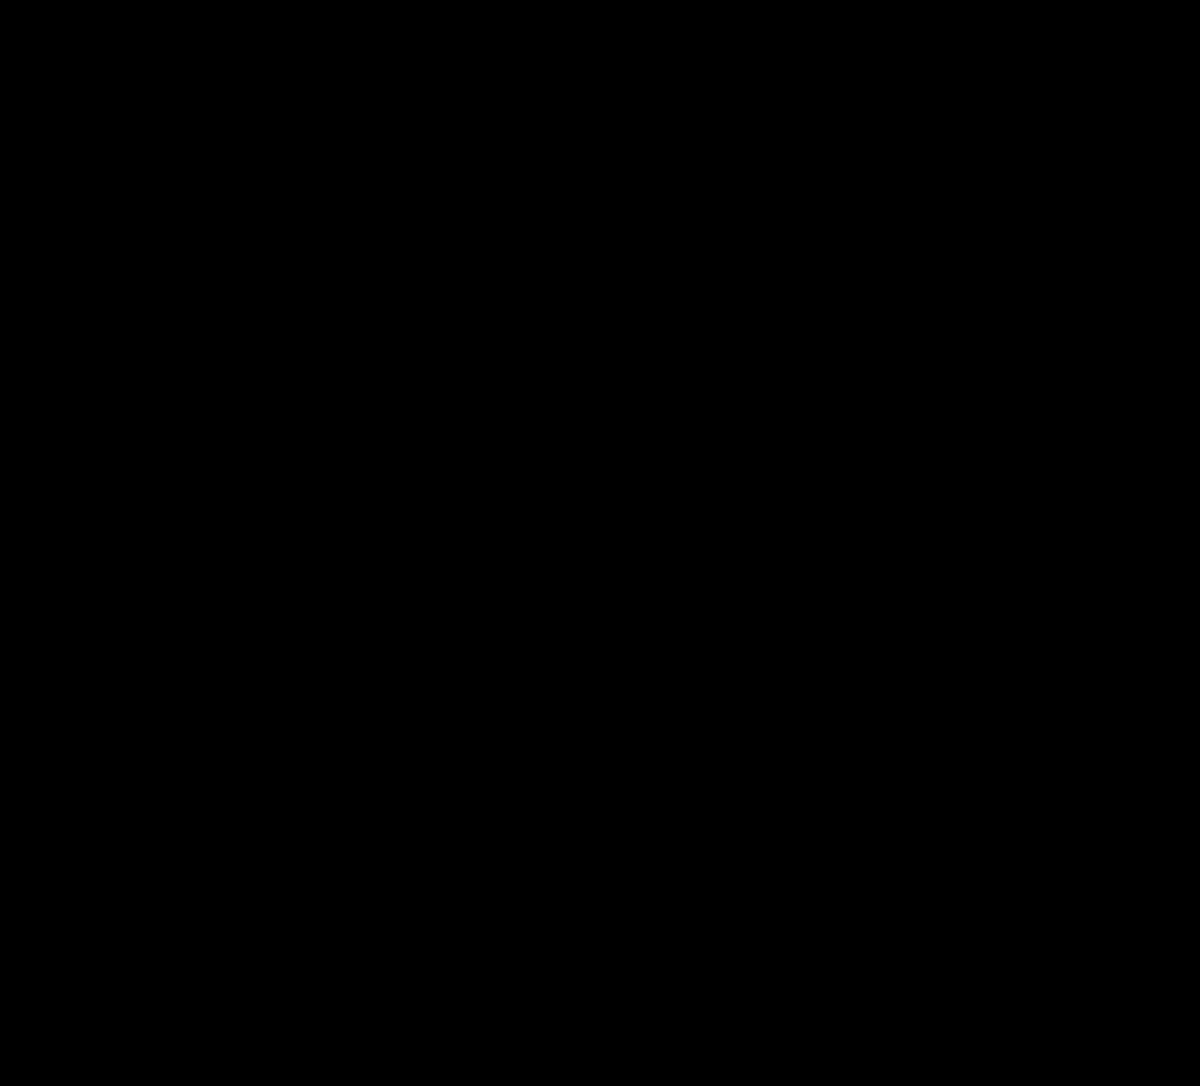 Пауки черные рисунок